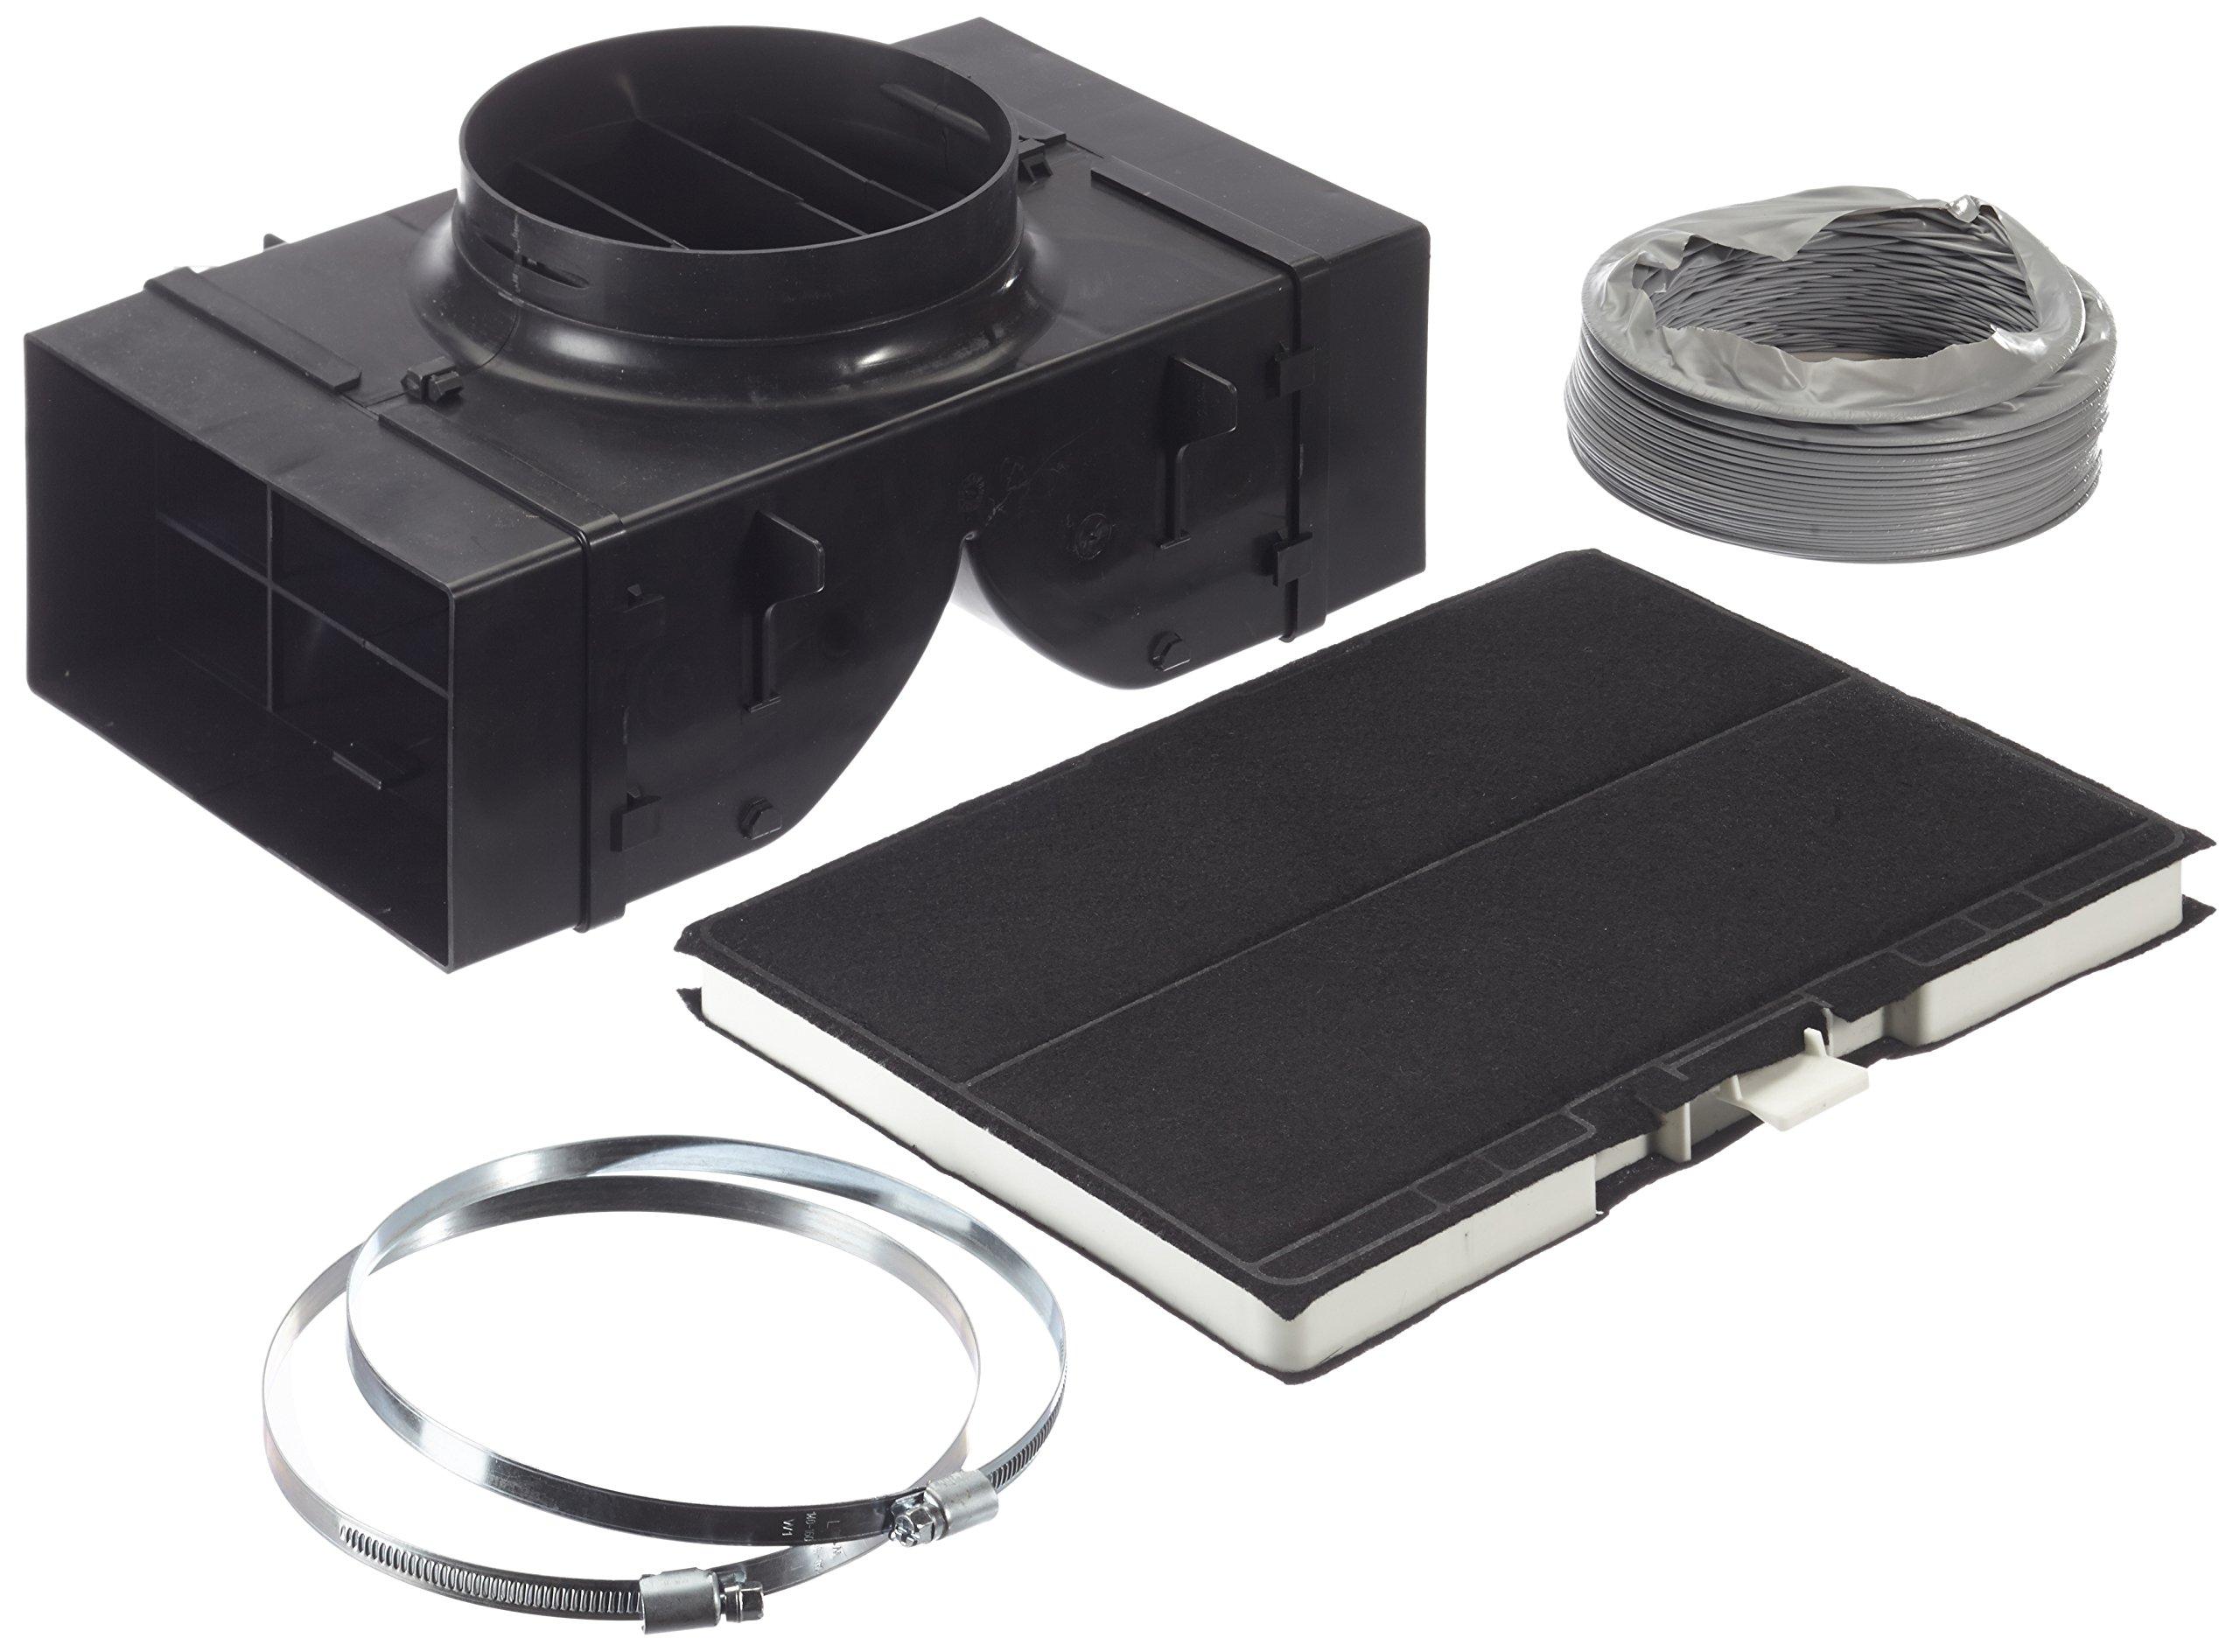 Bosch DHZ5345 Accesorio y Suministro para el hogar - Accesorio de hogar (Campana extractora, 1,25 kg): Amazon.es: Hogar